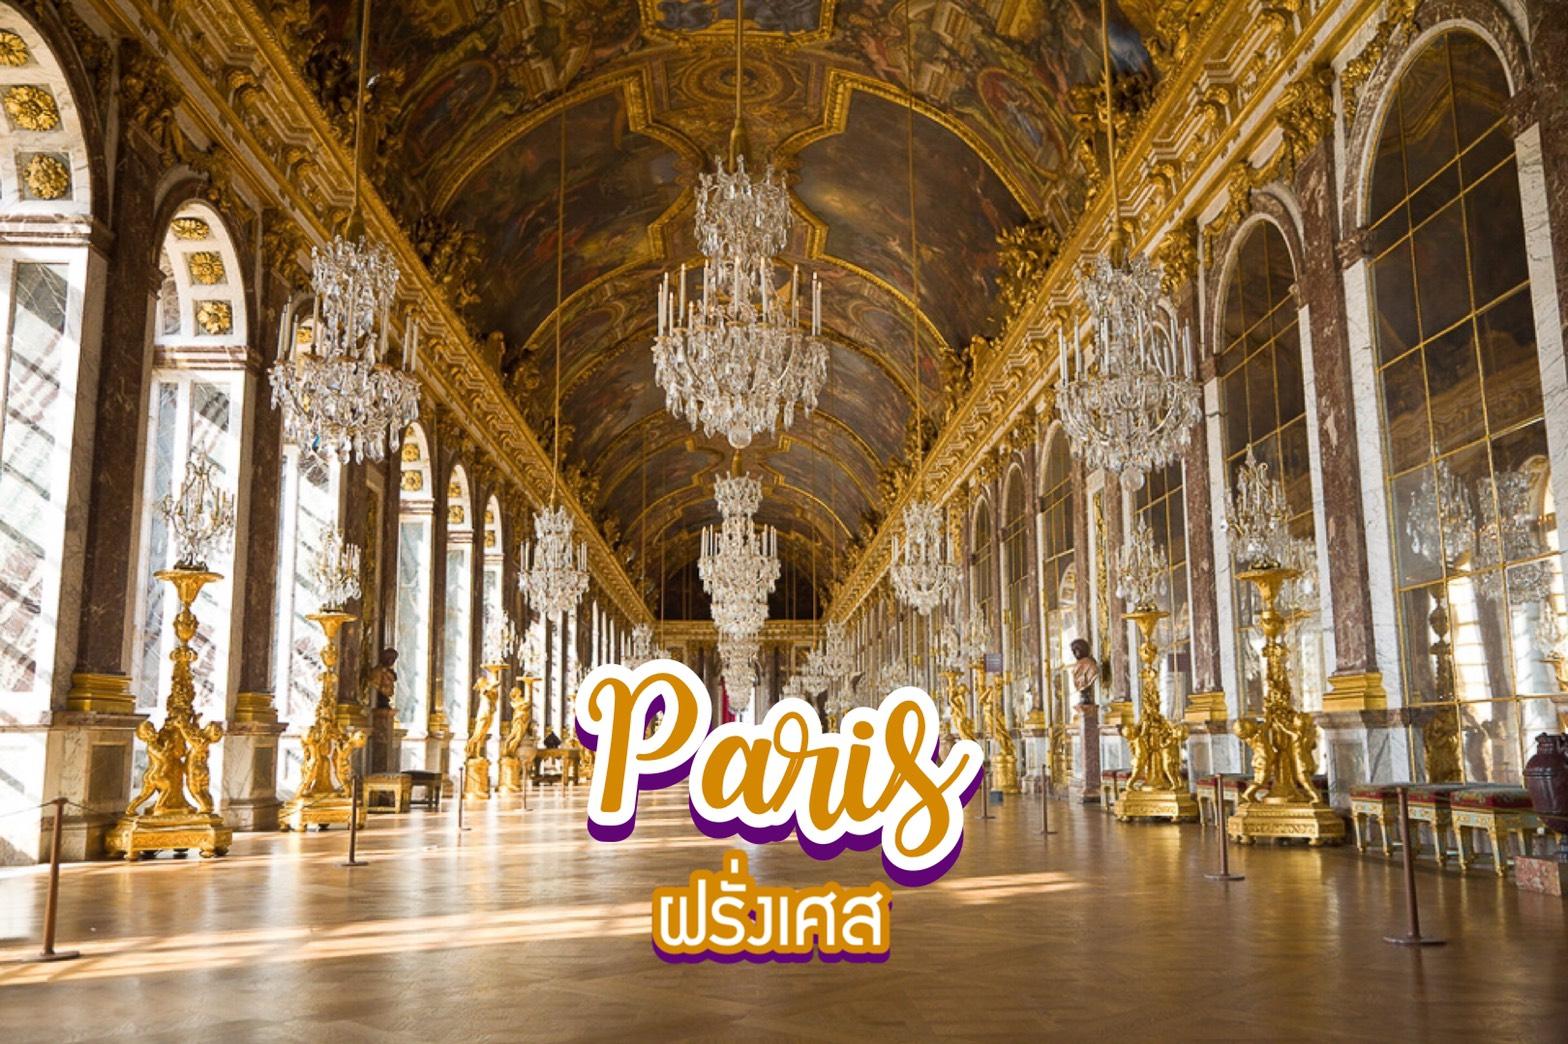 10 สุดยอดสถานที่ท่องเที่ยวในปารีส Paris ฝรั่งเศส